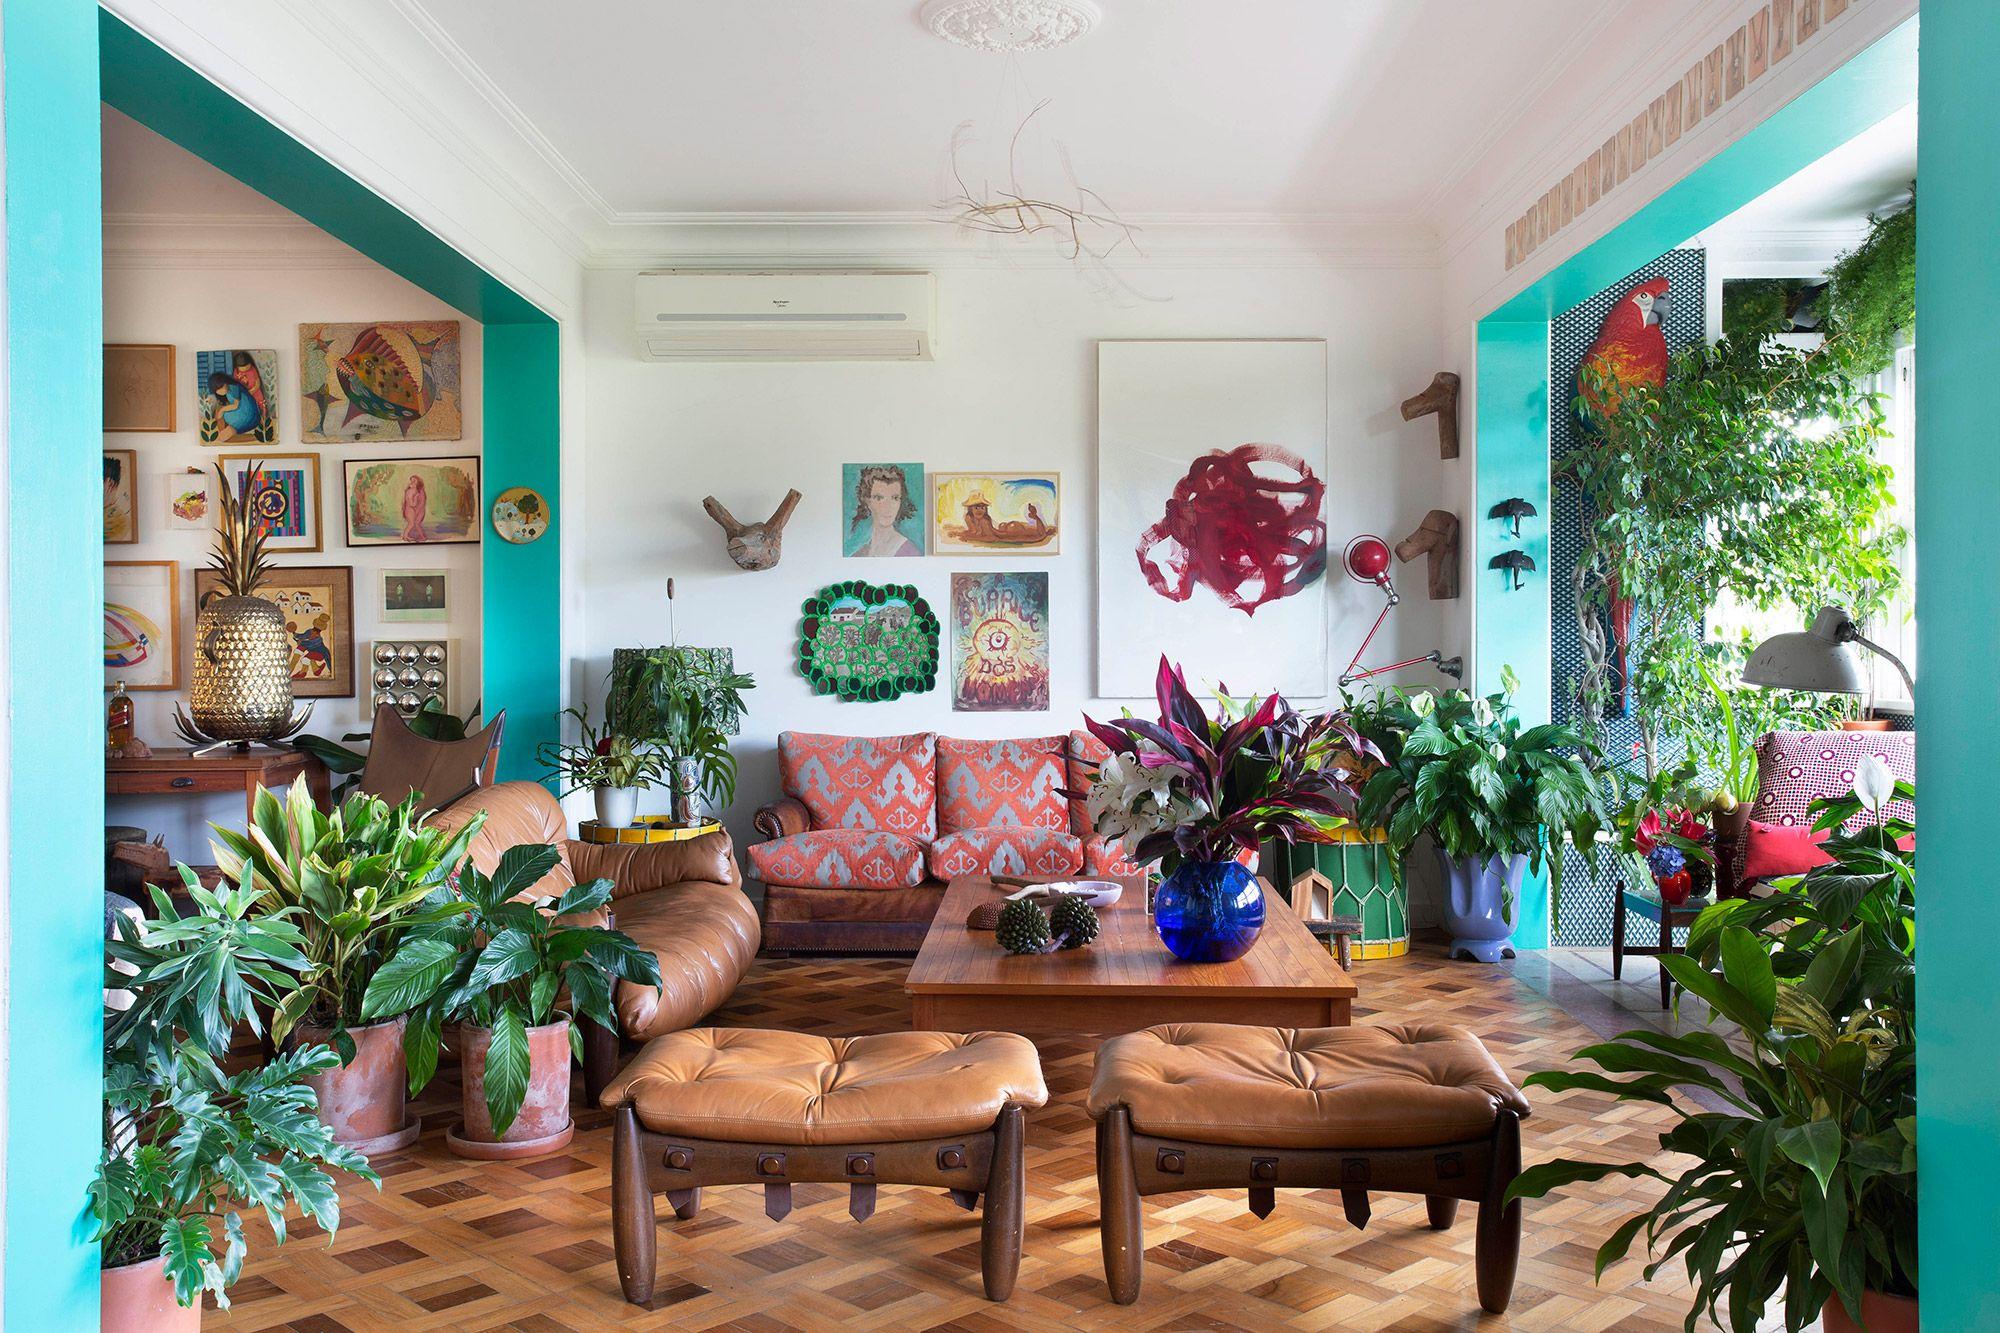 Apartamento com urban jungle assinado por Anna Luiza Rothier